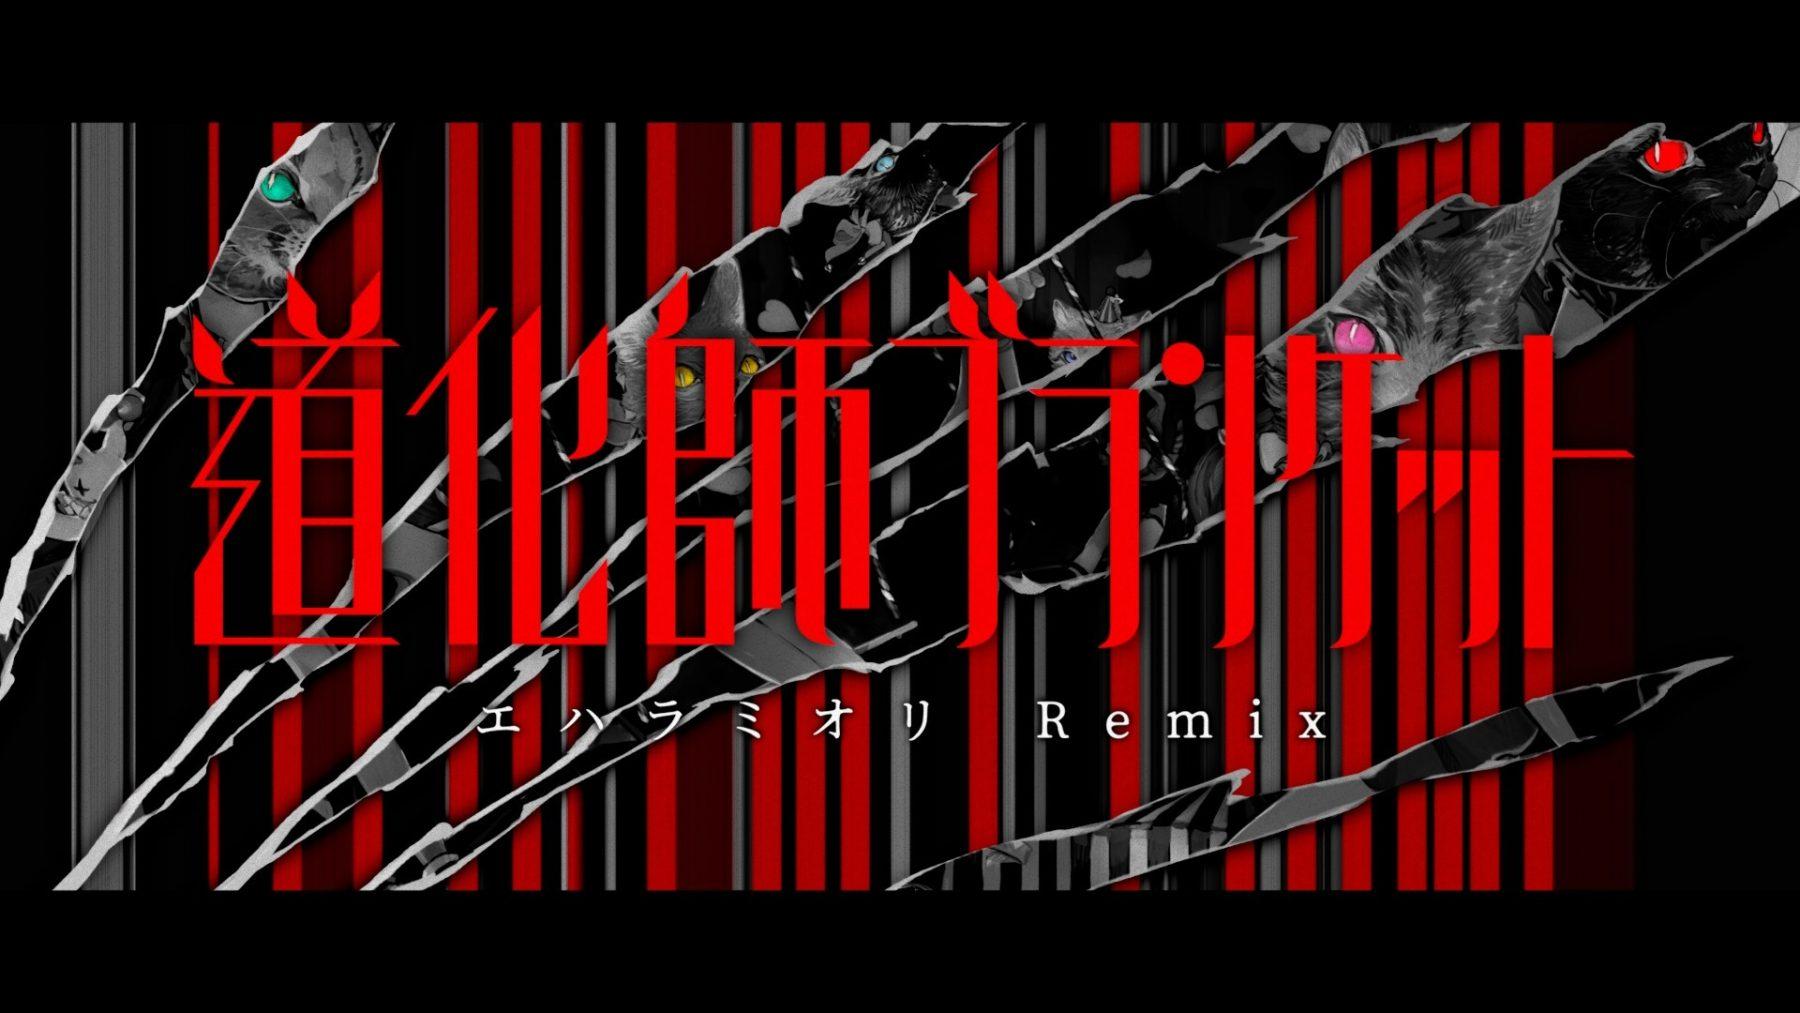 第三楽章、VALIS「道化師ブランケット」のエハラミオリRemix公開